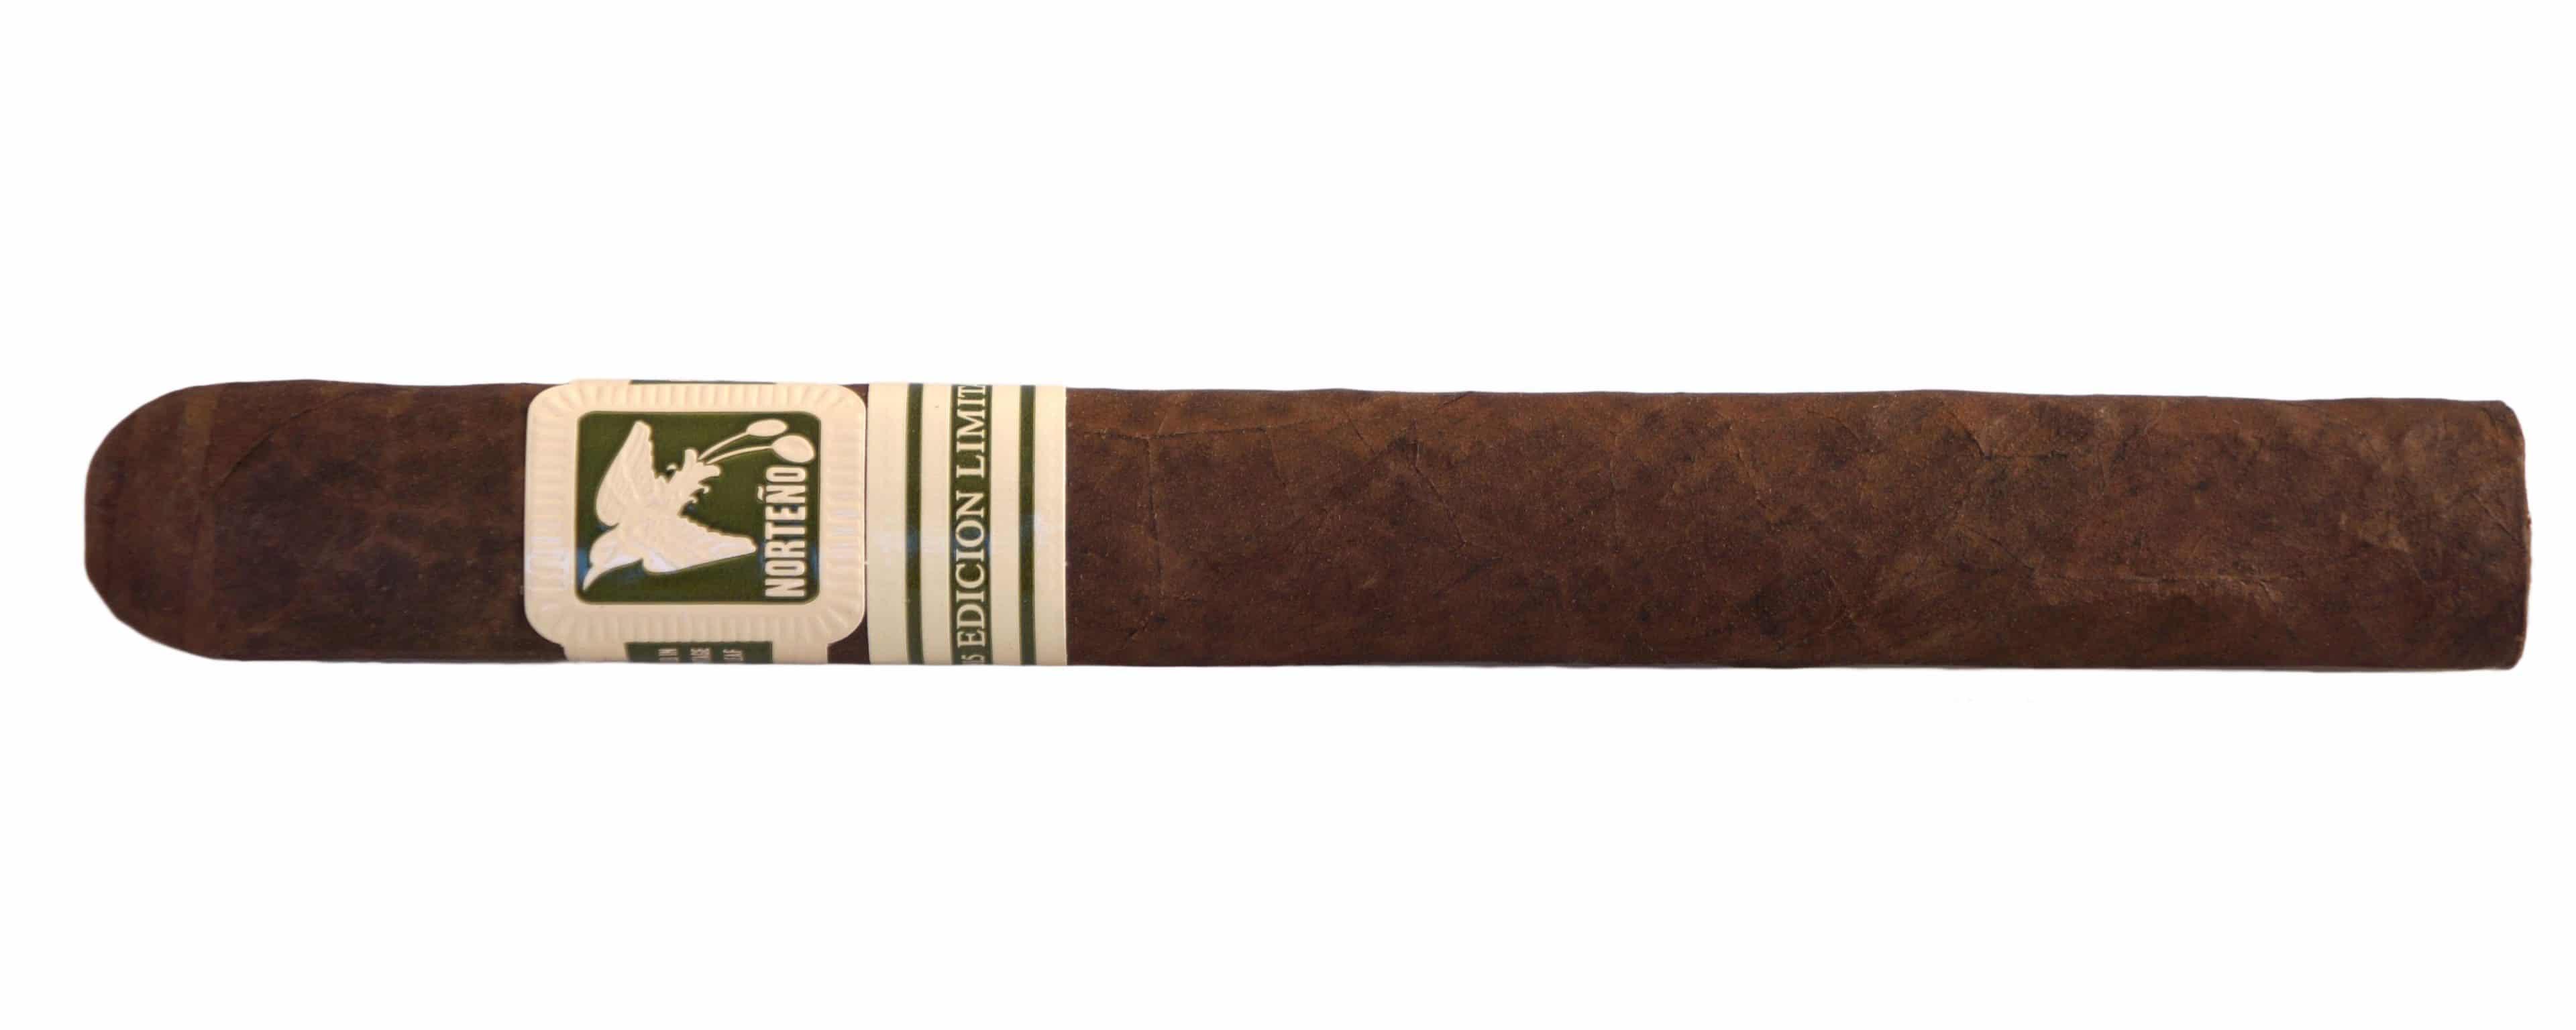 Blind Cigar Review: Herrera Esteli | Norteño Edición Limitada